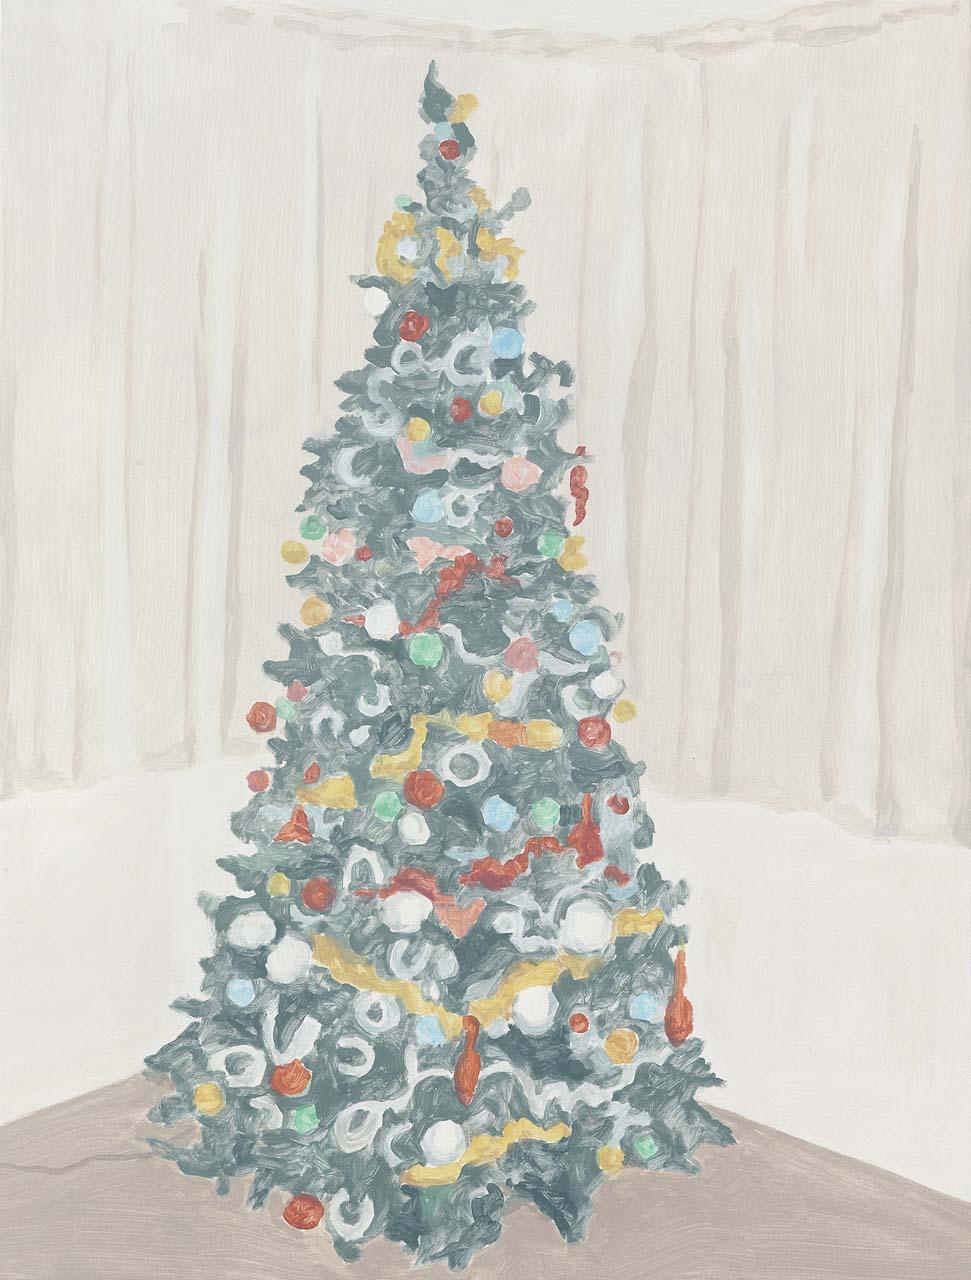 Xmas Tree 2, acrylic on canvas, 32 x 24.25 inches, 2014.